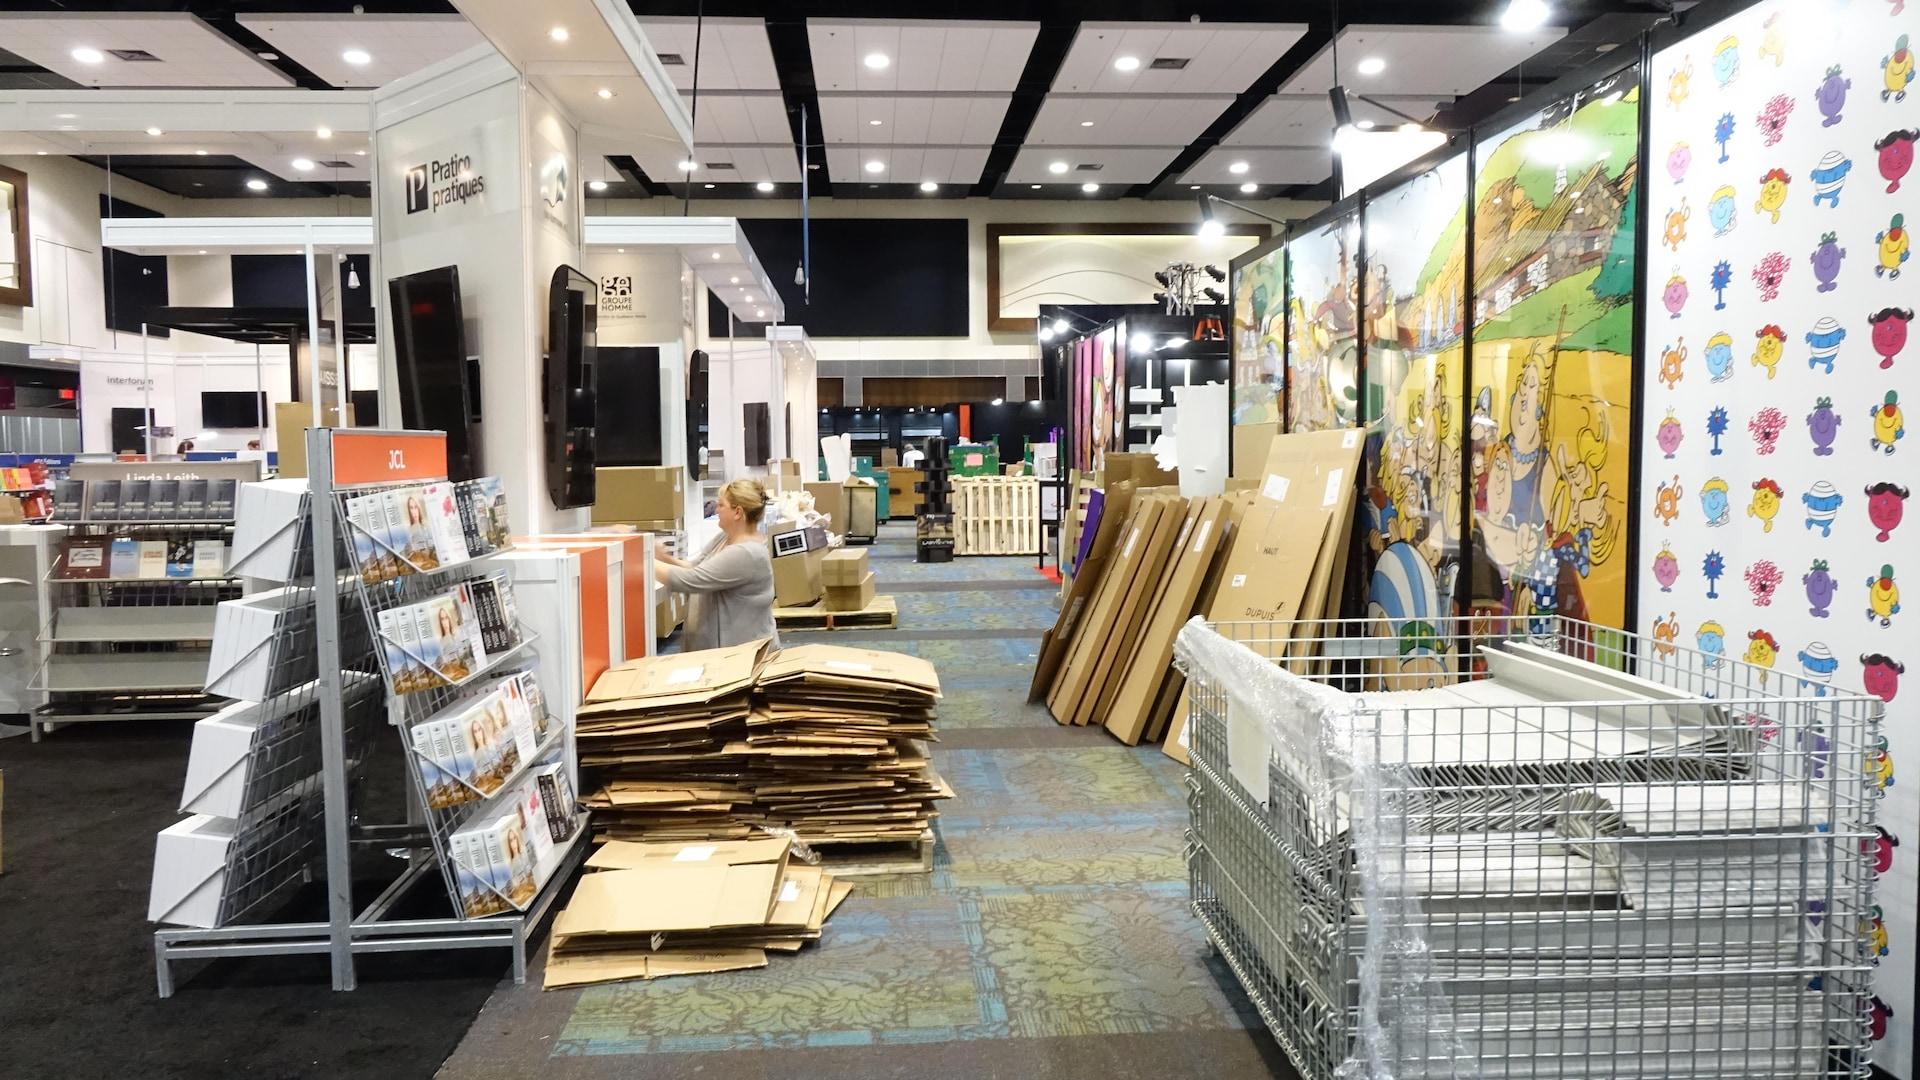 Des boîtes de cartons et des affiches entourent des kiosques en construction.